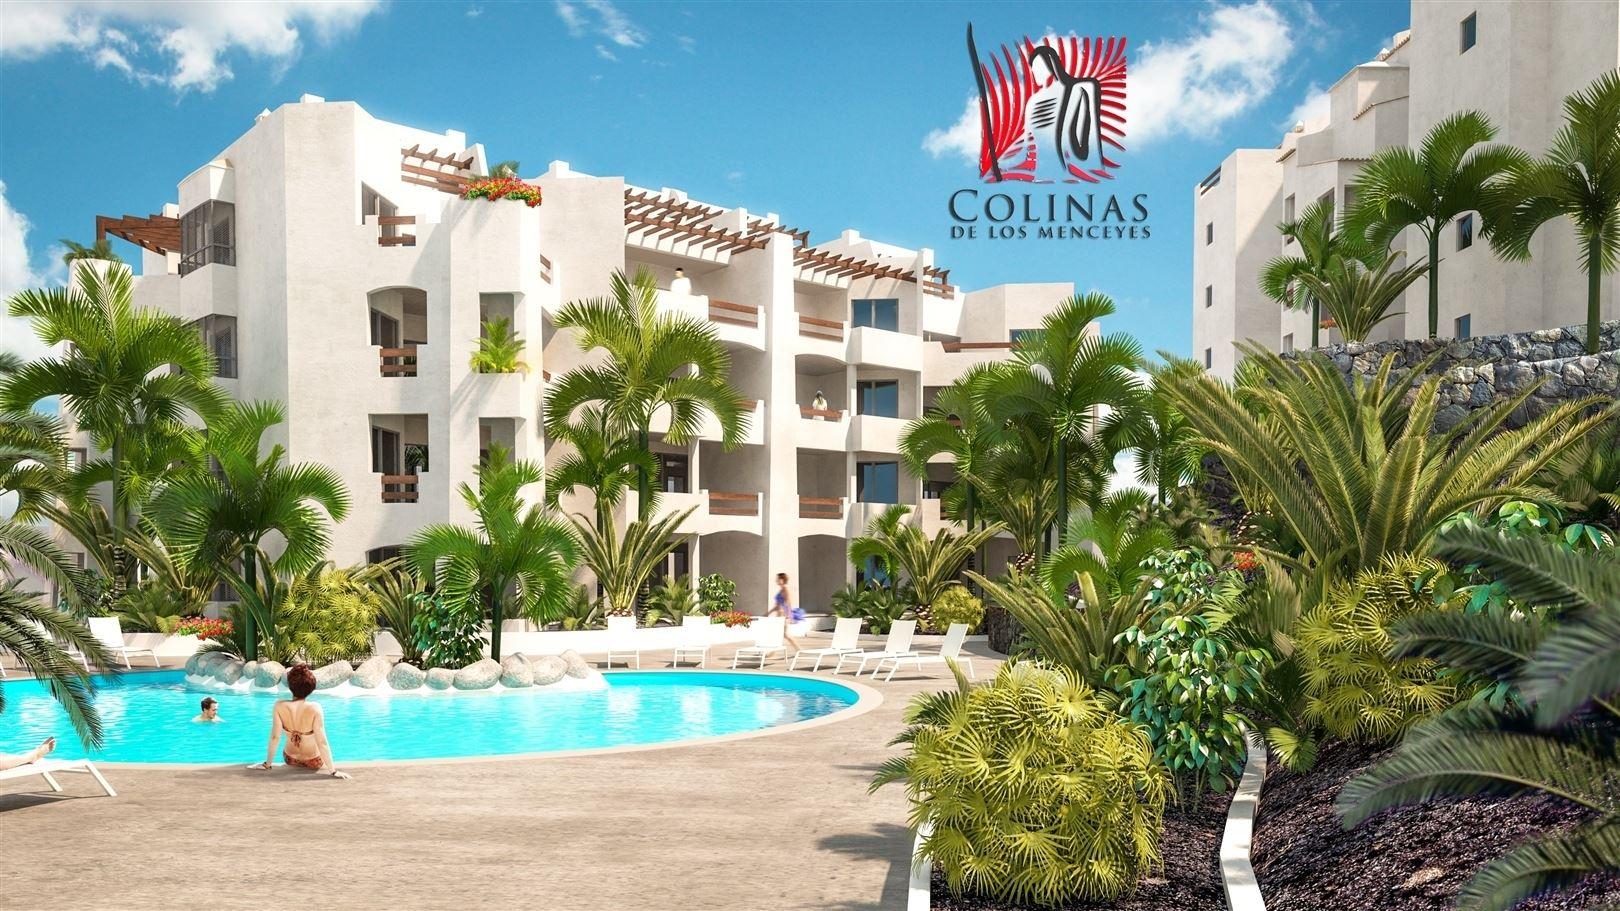 Foto 5 : Appartement te 38632 PALM MAR (Spanje) - Prijs Prijs op aanvraag